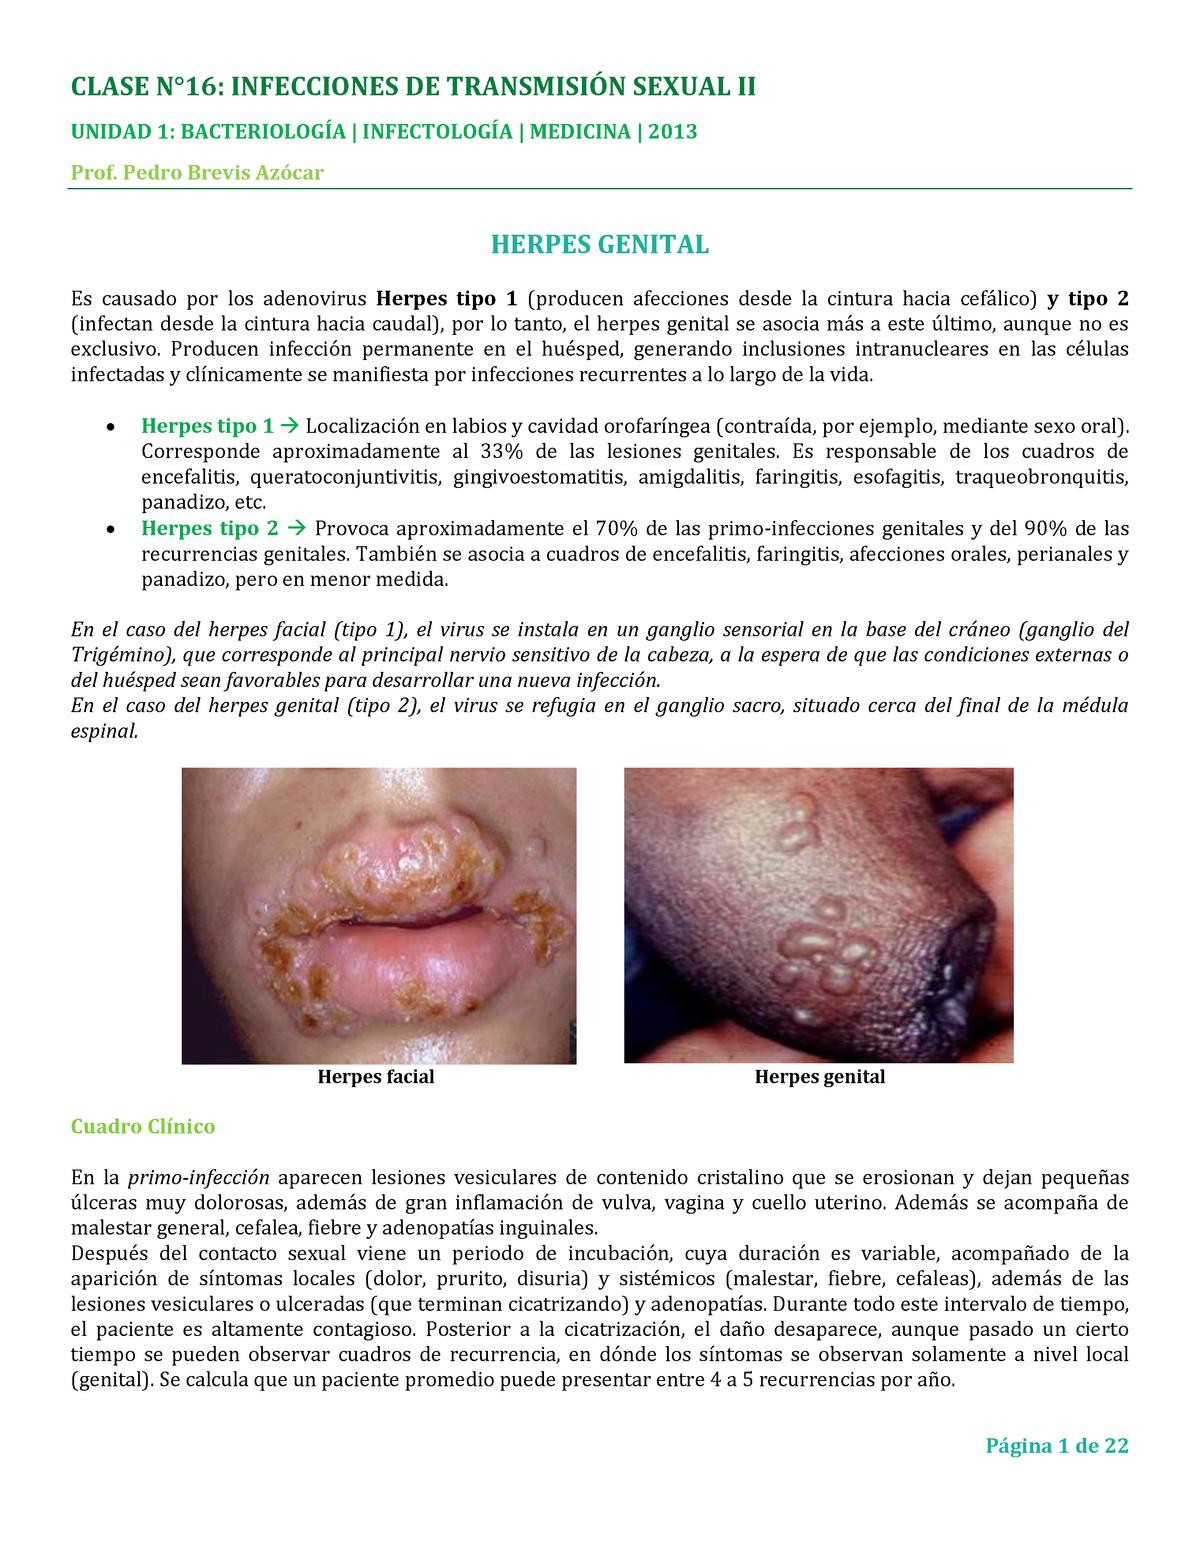 Ureaplasma condilom